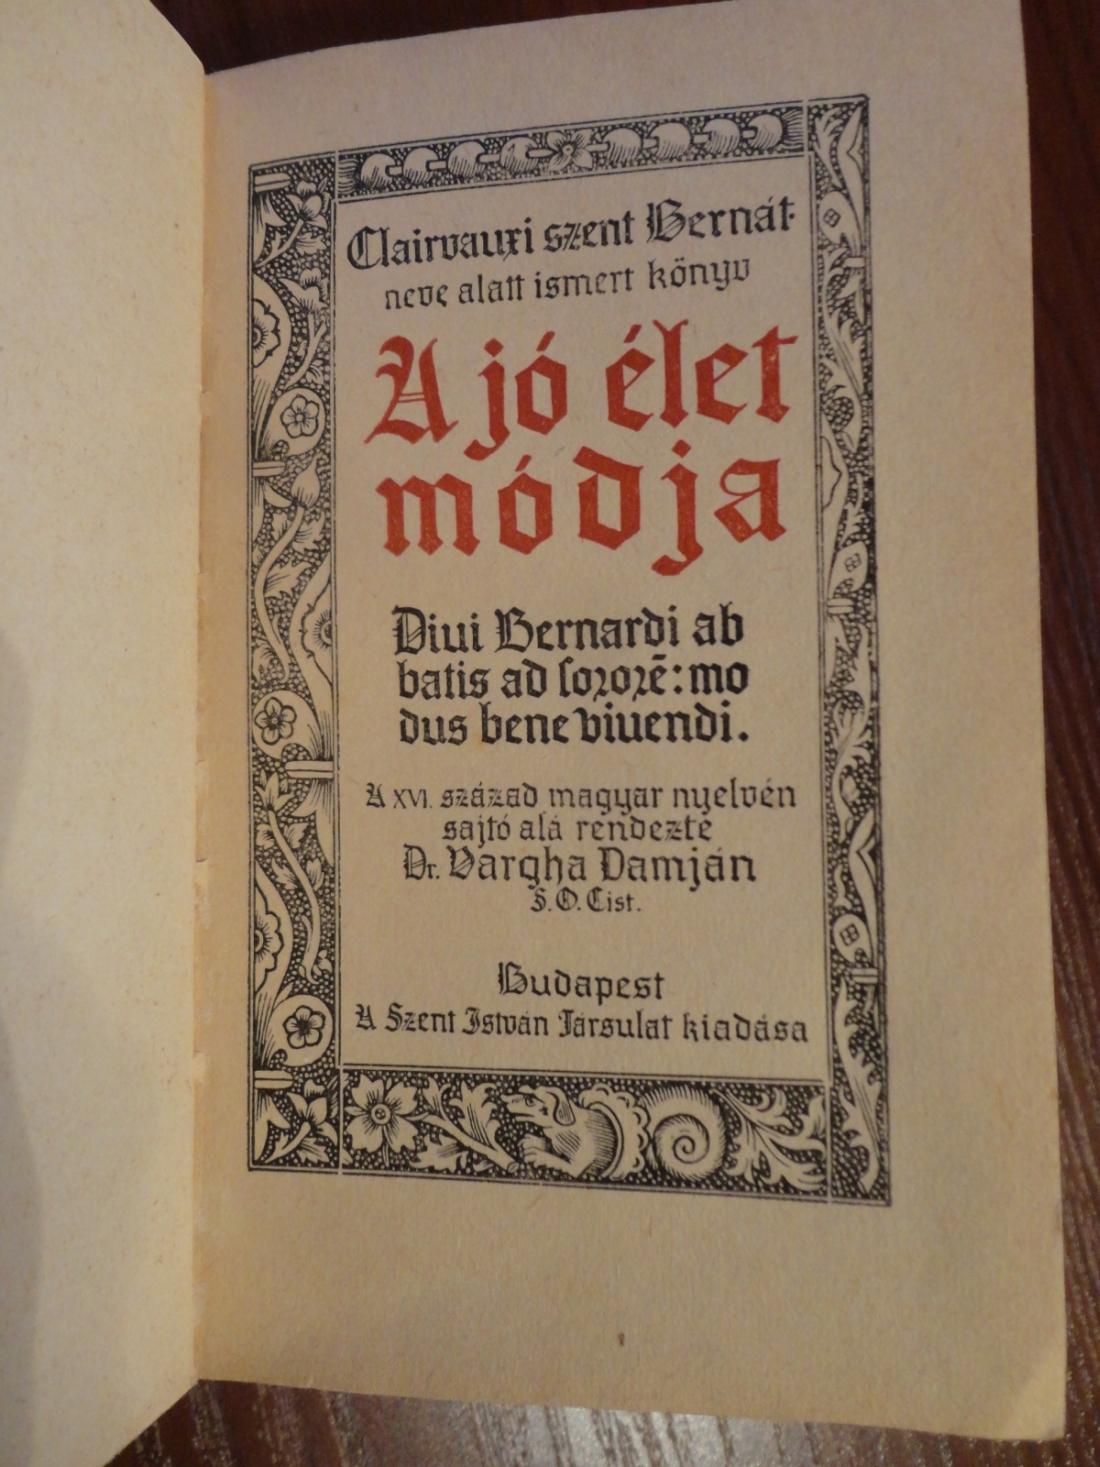 Szent Bernát A jó élet módja c. könyv belső címlapja (Szent István Társulat, 1943.)